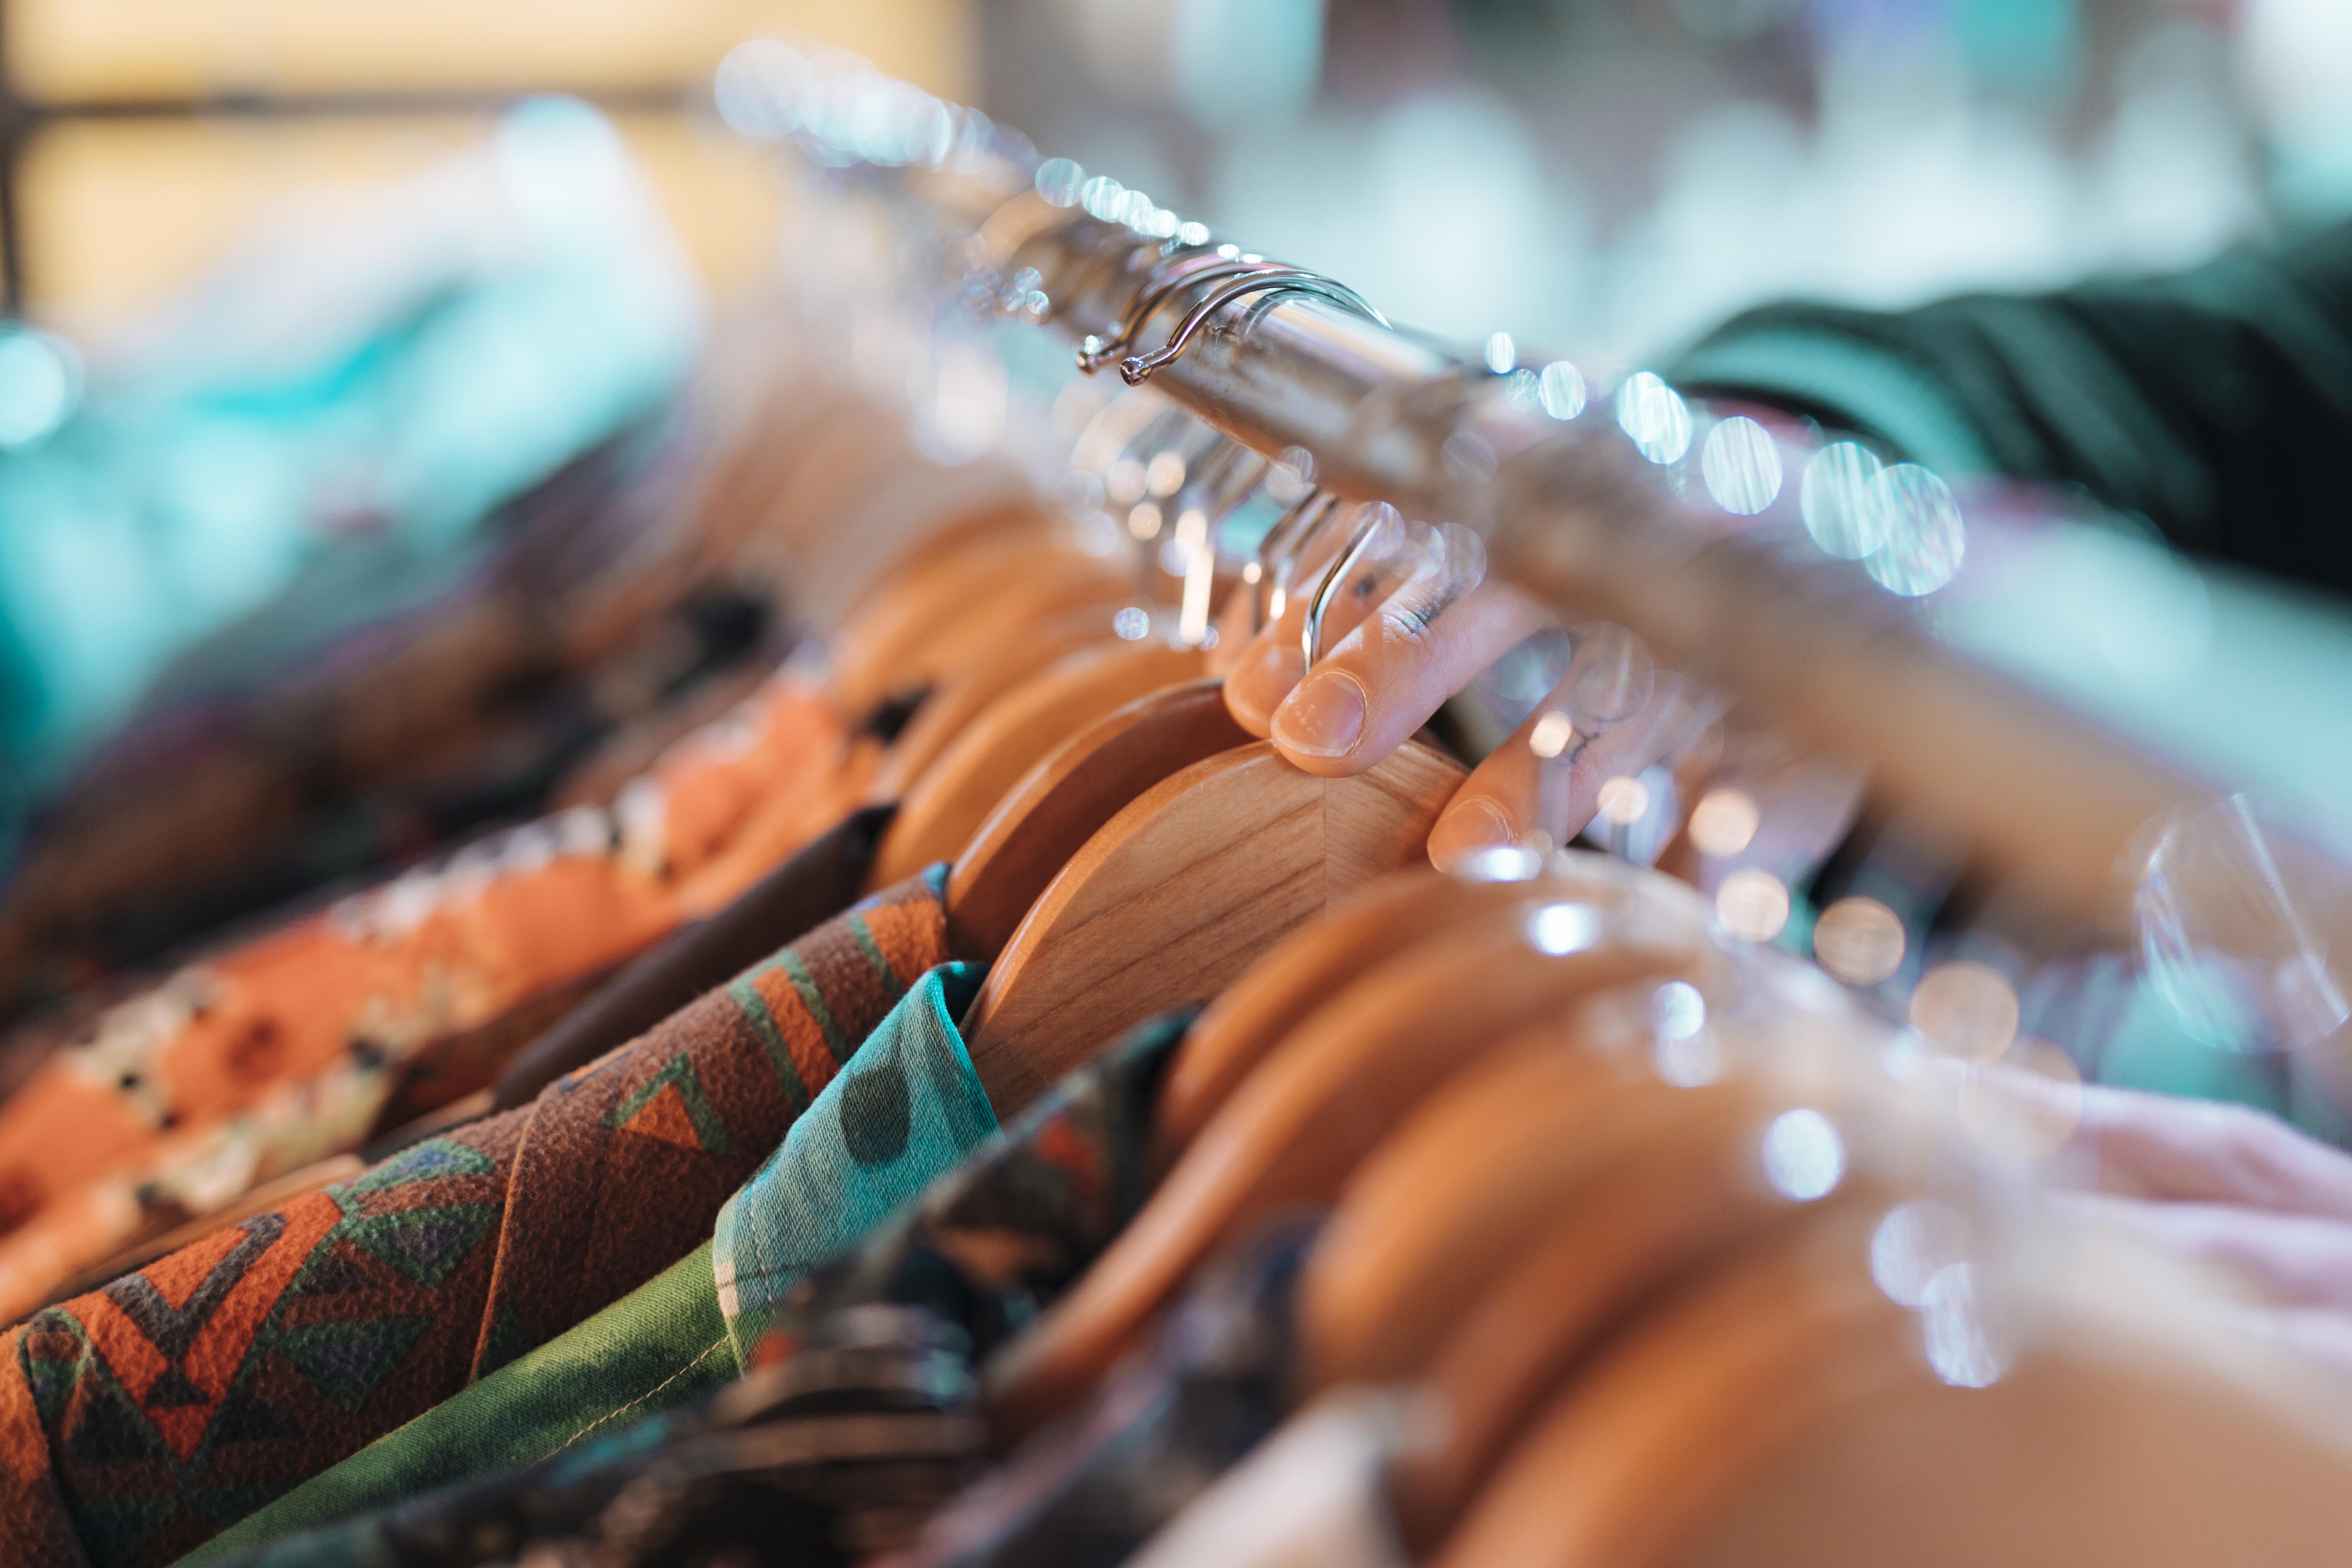 Inditex eliminará las bolsas de plástico en 2020 y el 100% de sus prendas serán sostenibles en 2025